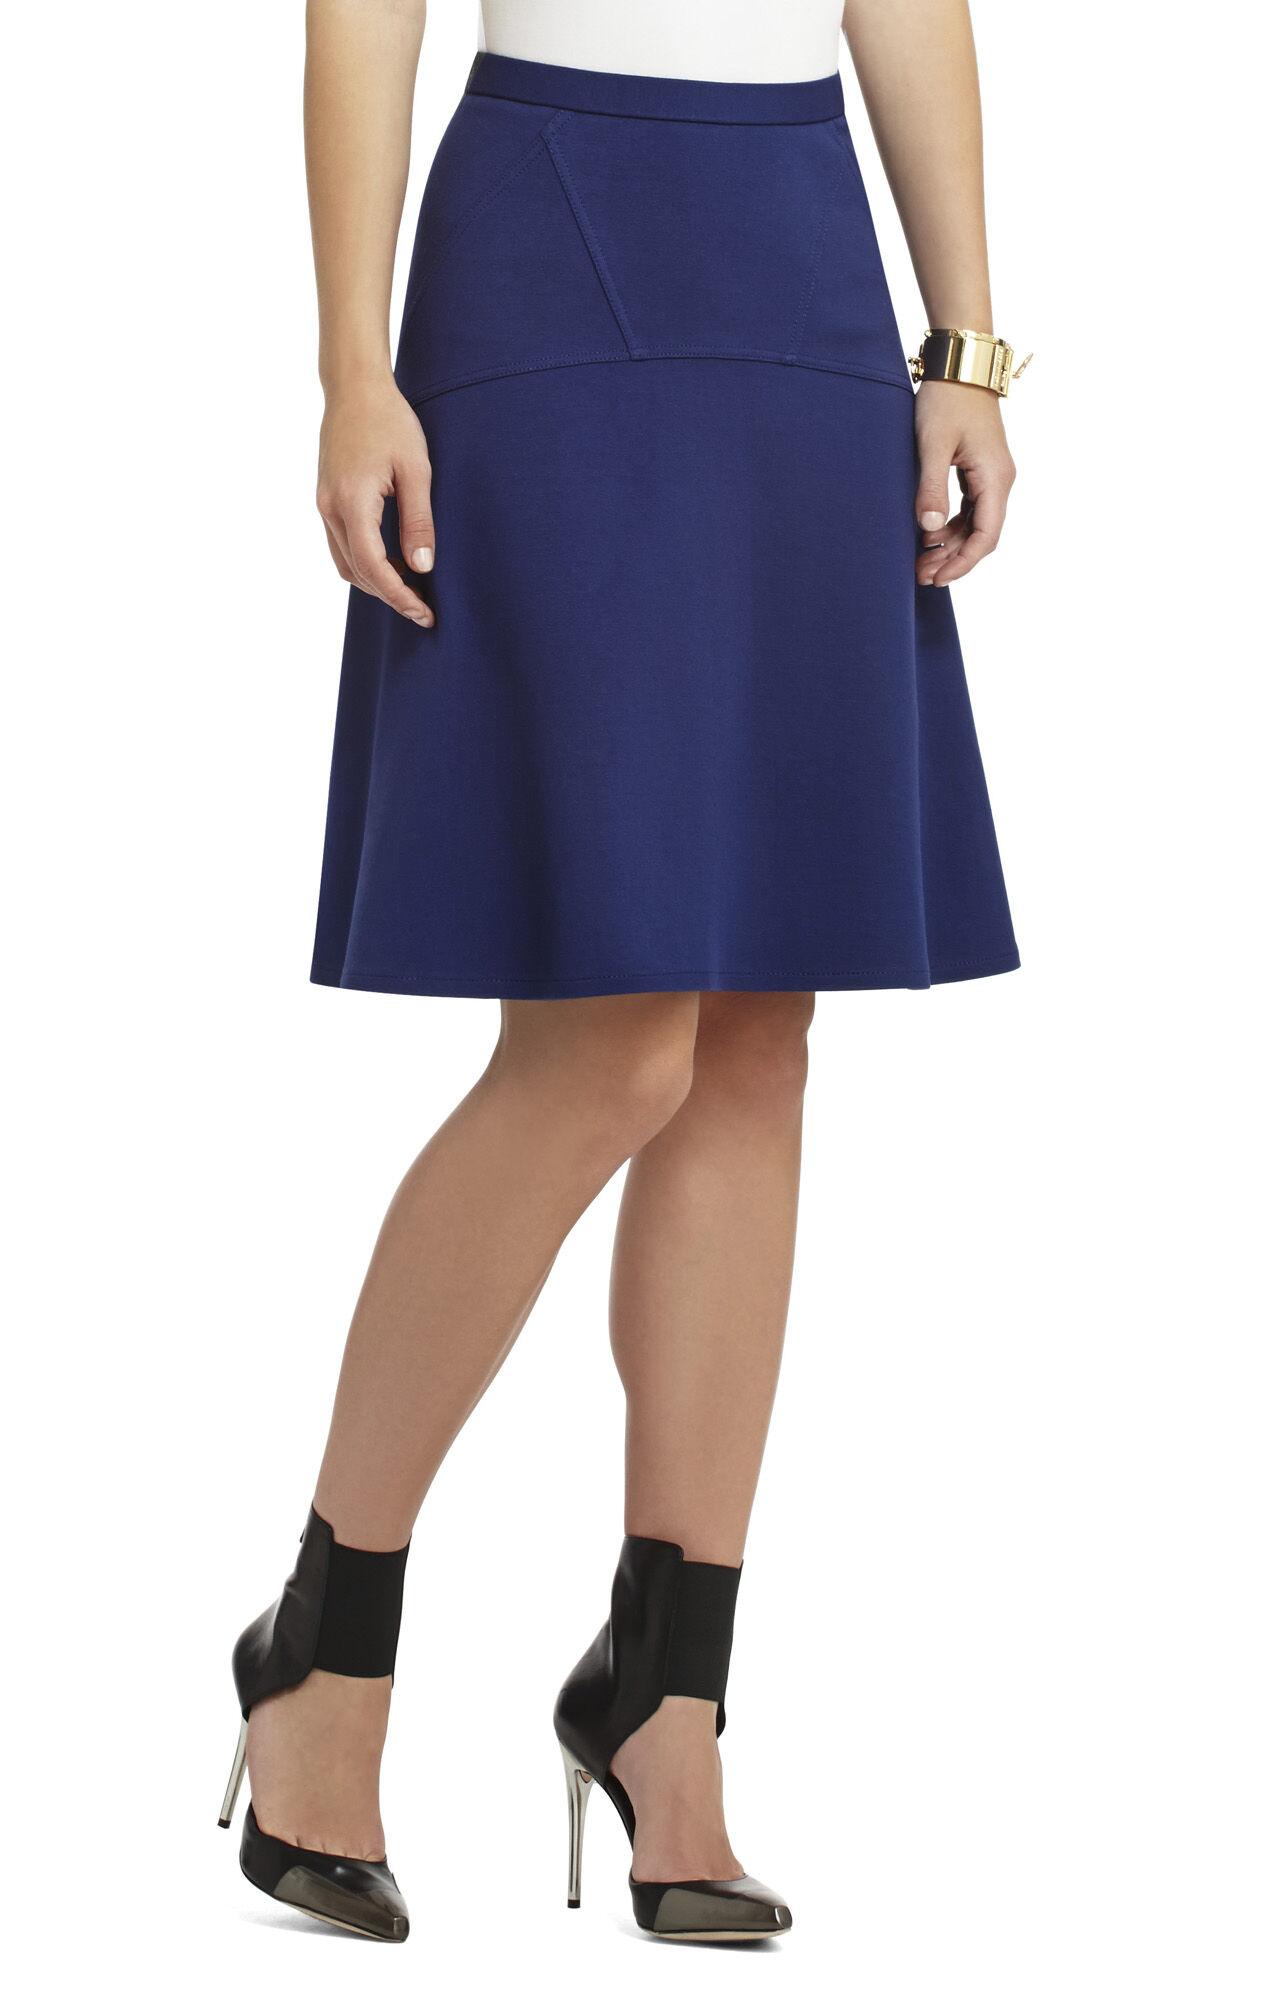 Camber A-Line Skirt